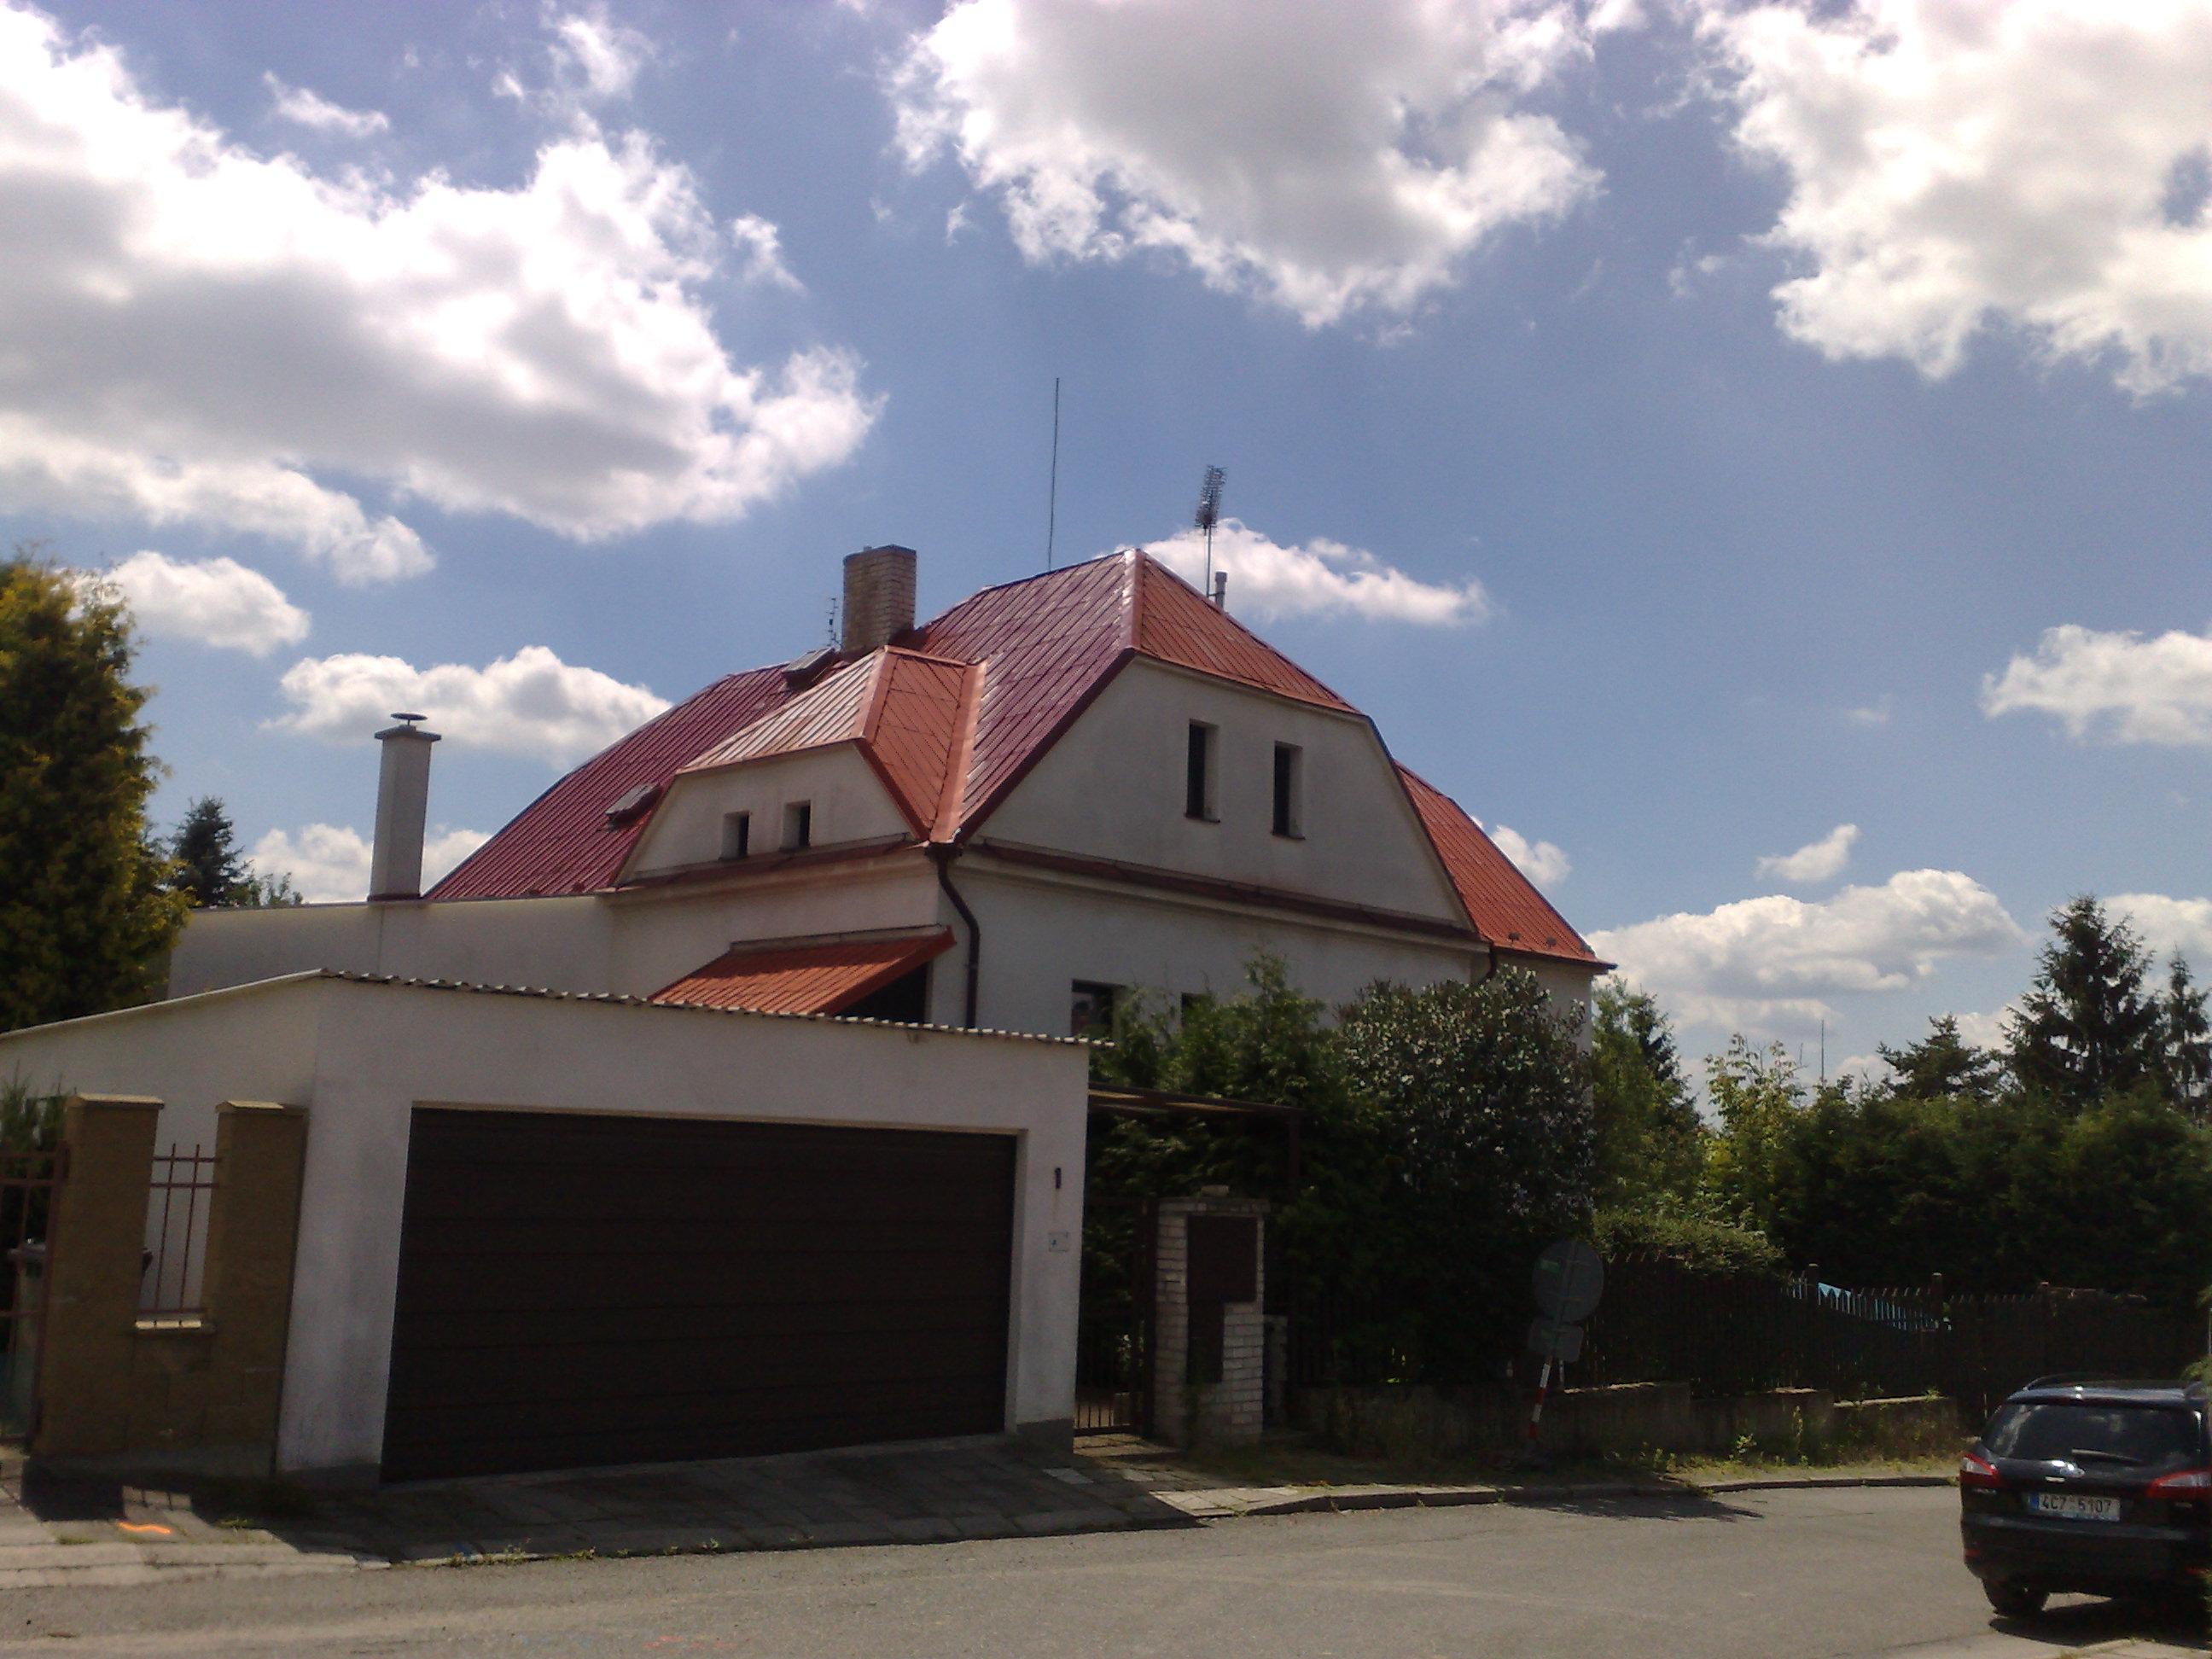 natery-strech-6